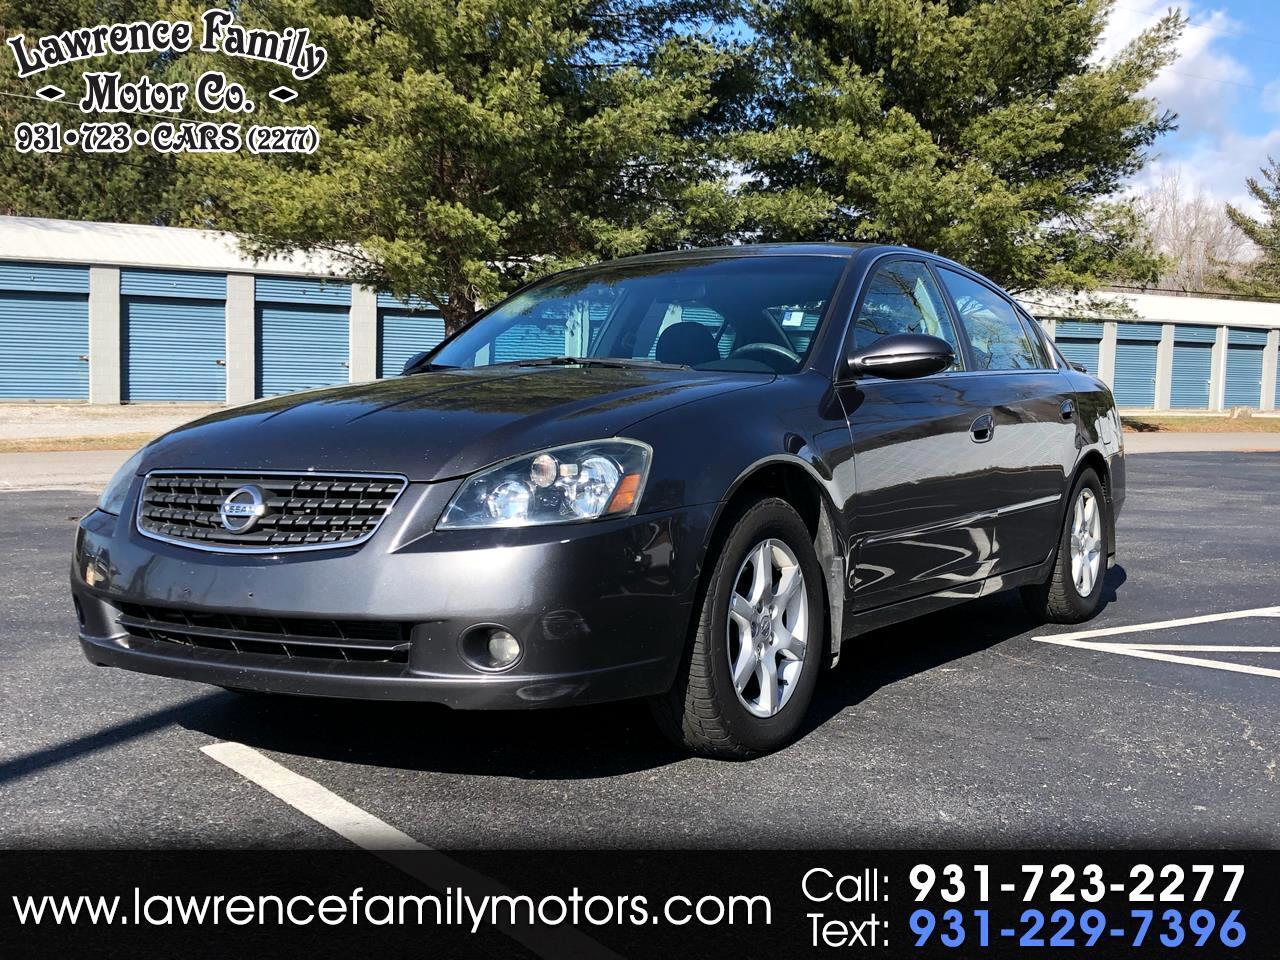 2005 Nissan Altima 4dr Sdn I4 Auto 2.5 S